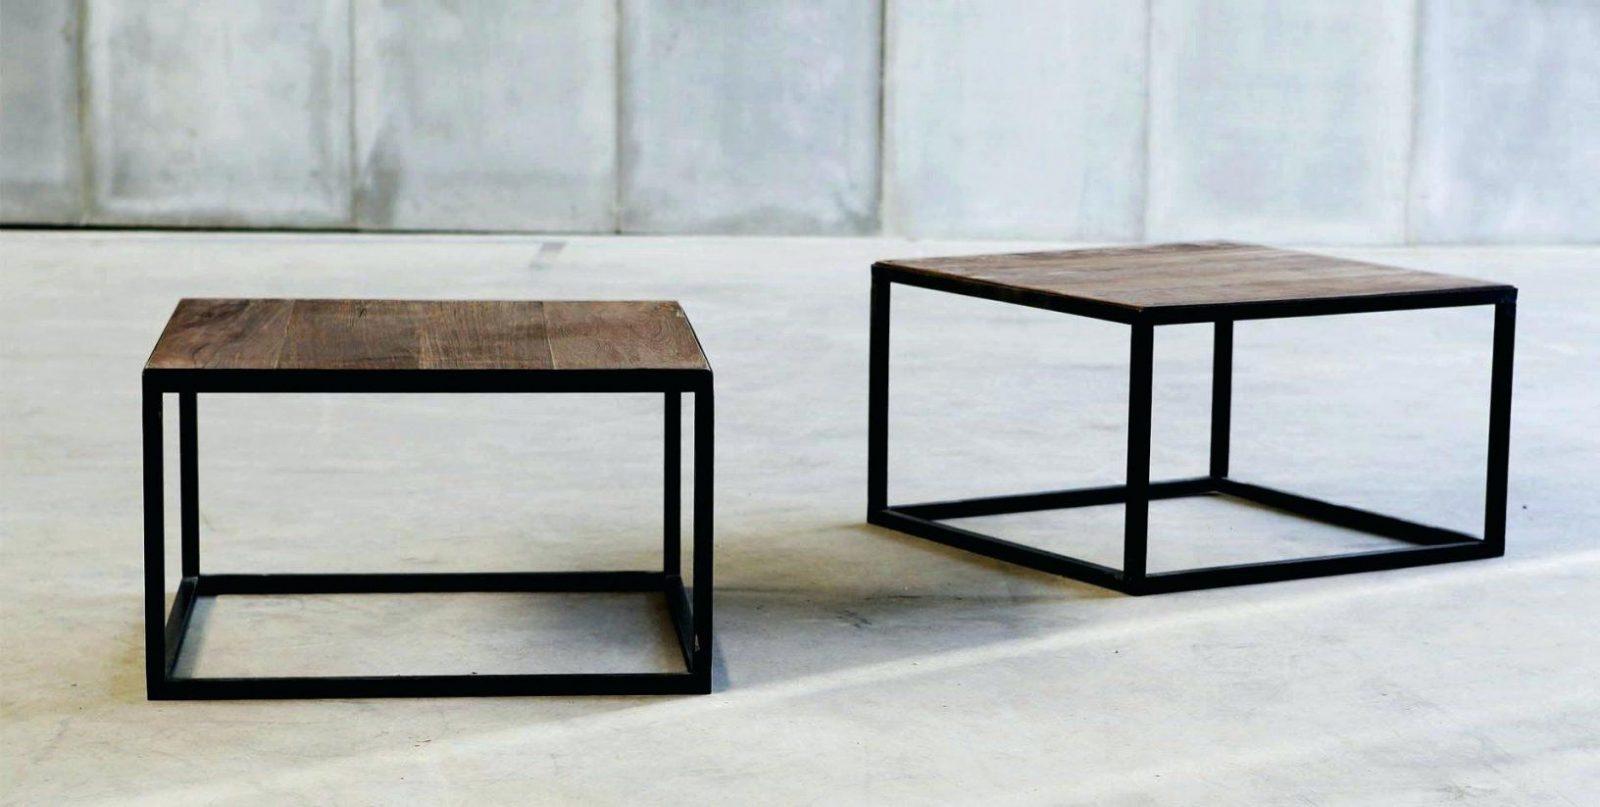 Wunderschone Couchtisch Stahl Holz Wohnzimmertisch Rund Metall von Tisch Mit Metallgestell Und Holzplatte Bild